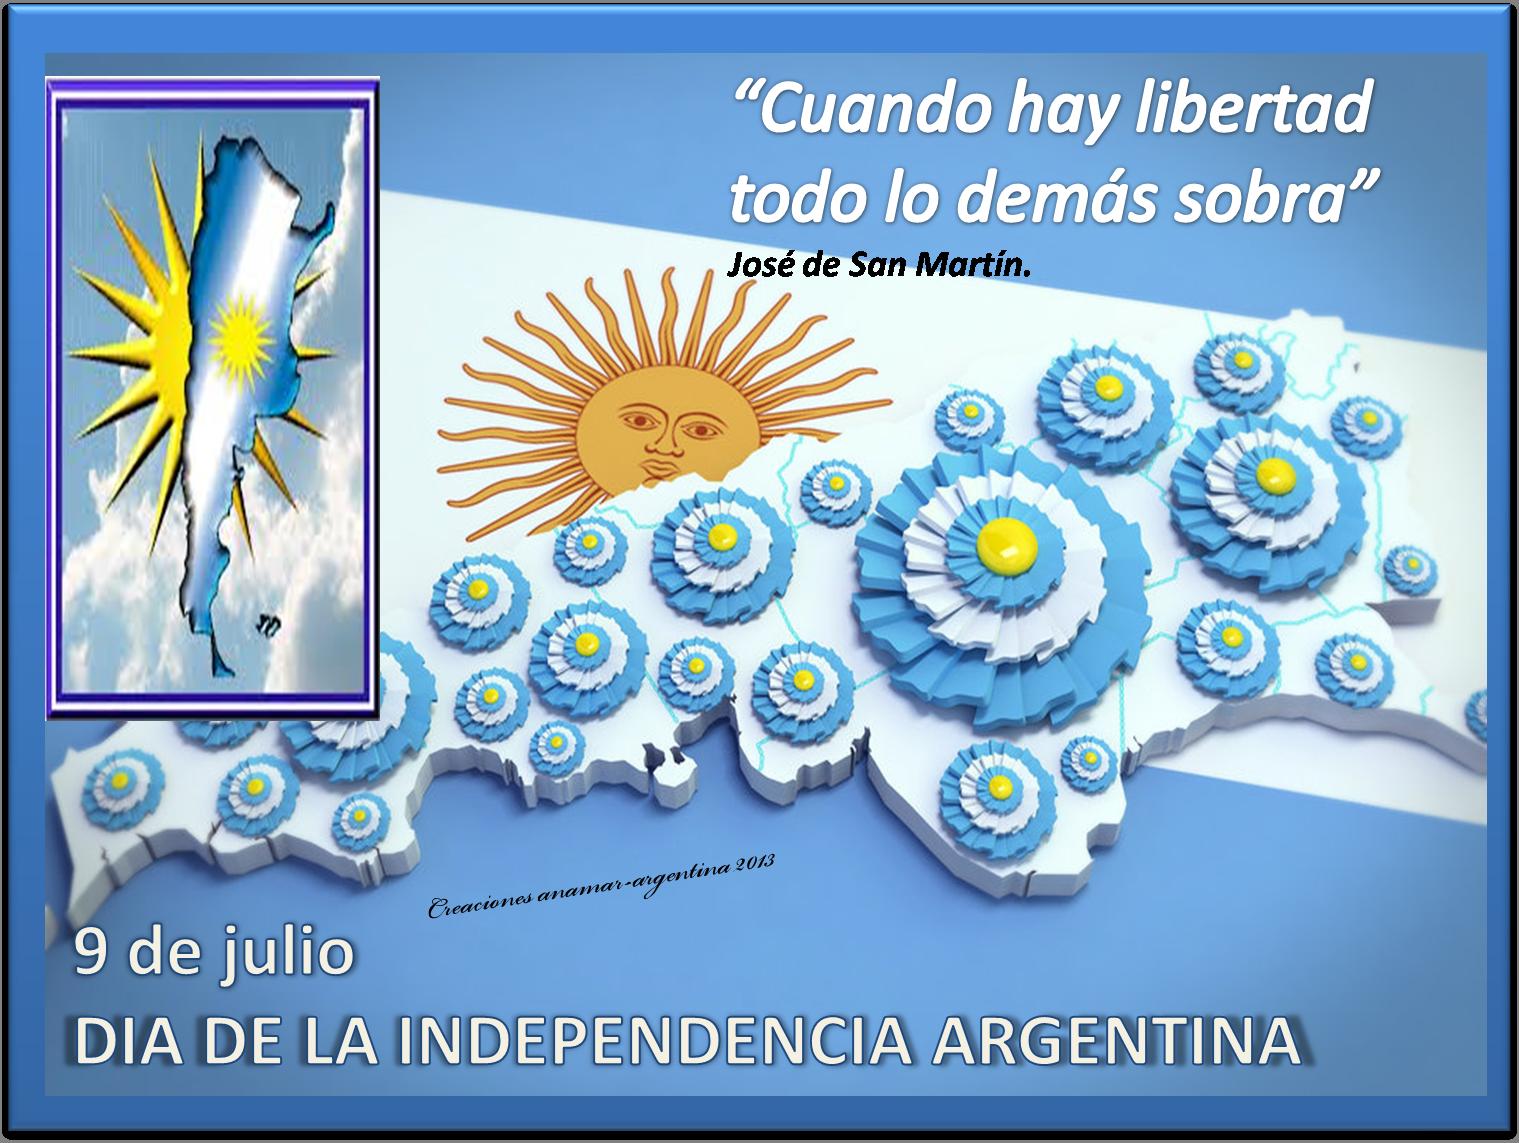 Imagen 9 de julio dia de la independencia argentina for Decoracion 9 de julio